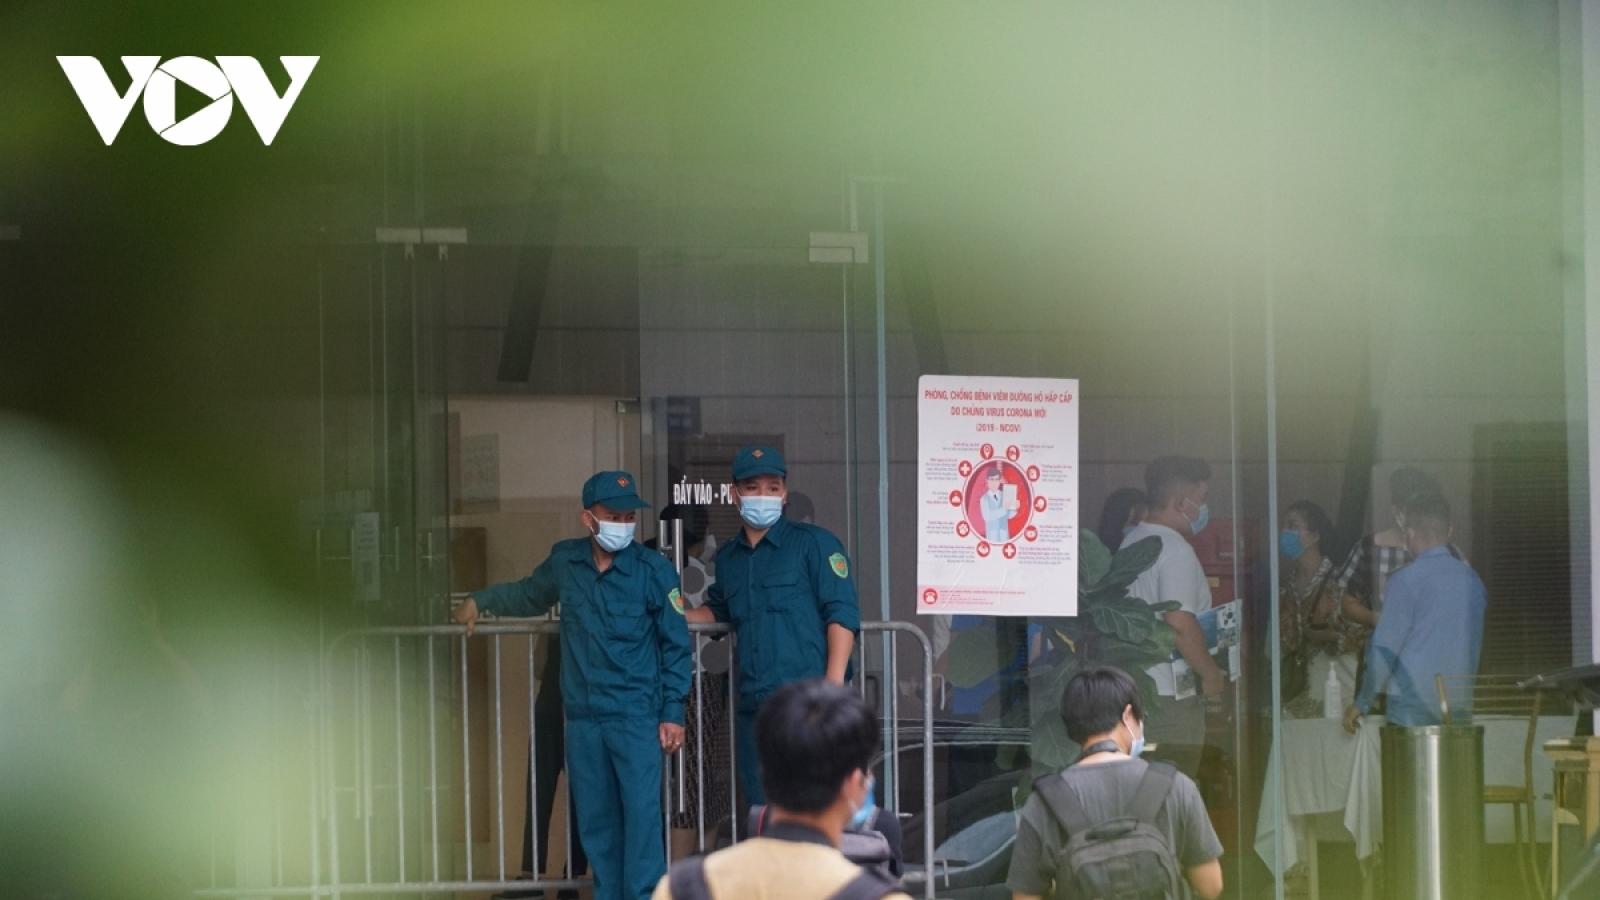 Chủ tịch Hà Nội yêu cầu làm rõ, xử lý nghiêm Giám đốc vi phạm quy định phòng chống dịch